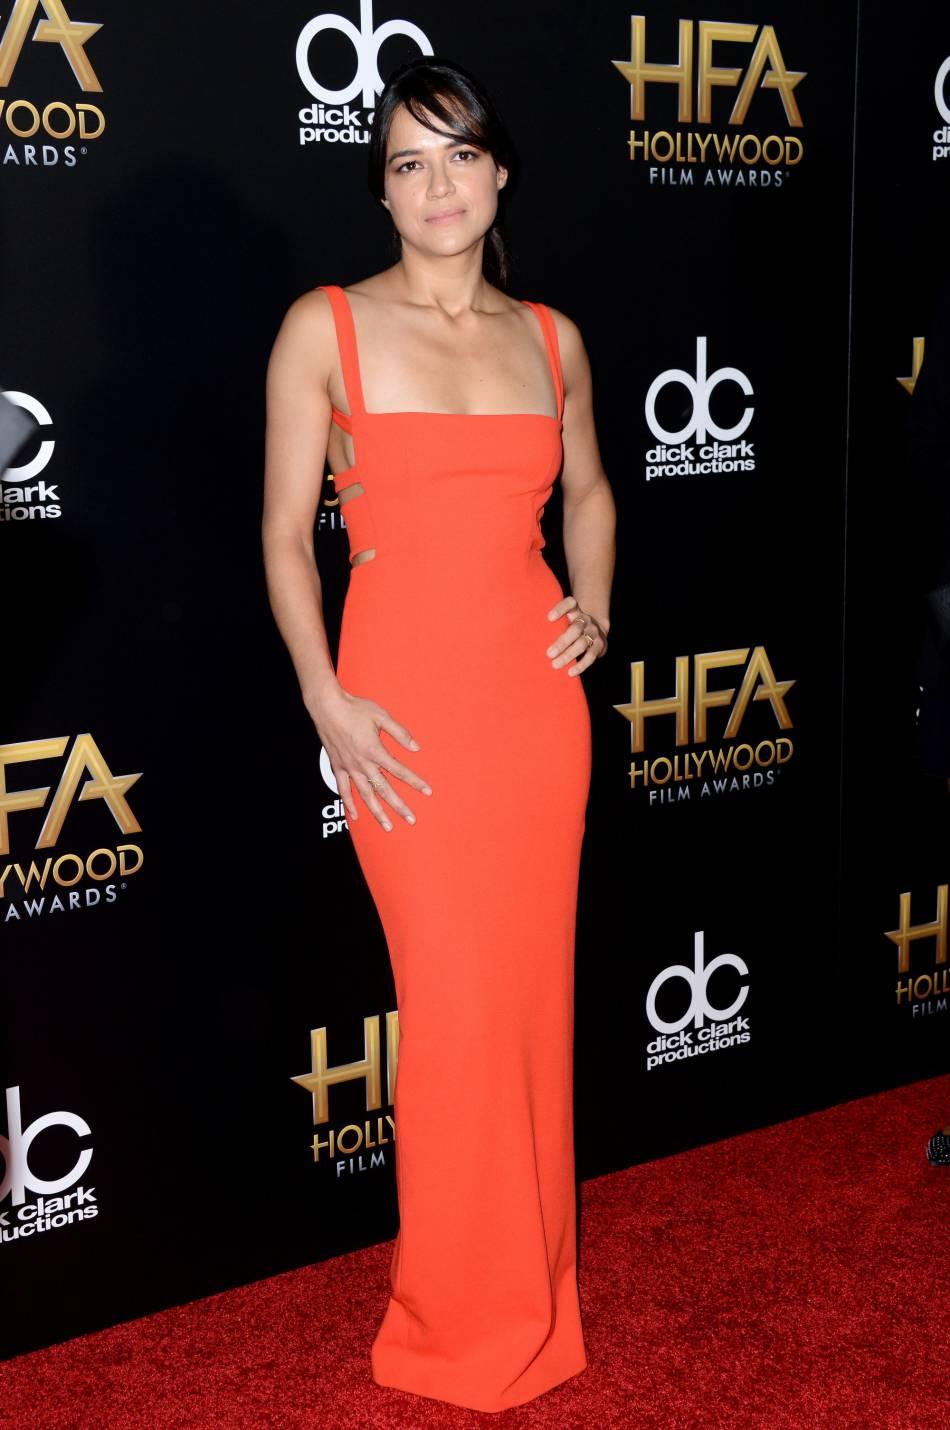 Michelle Rodriguez sur le red carpet des Hollywood Film Awards le 1er novembre 2015 à Los Angeles.